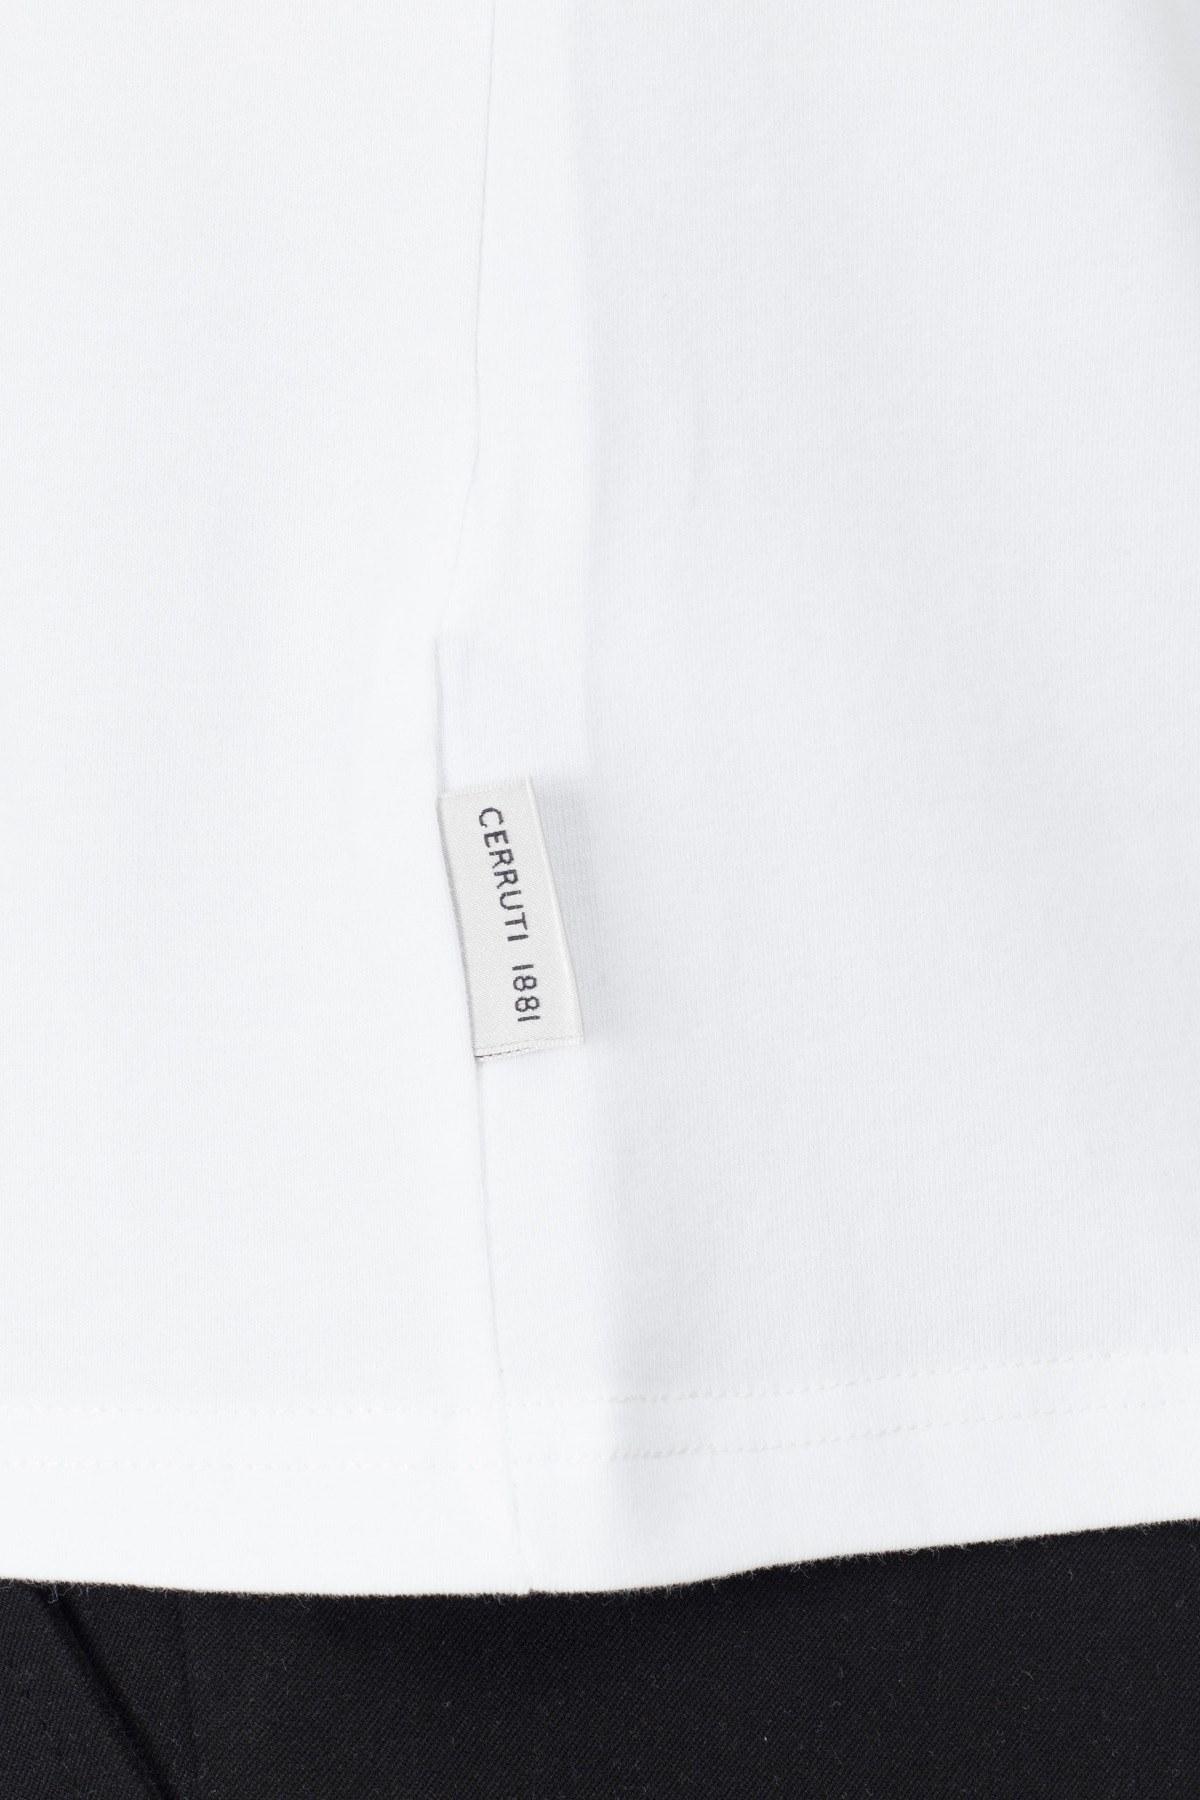 Cerruti 1881 Erkek T Shirt 203-001726 BEYAZ